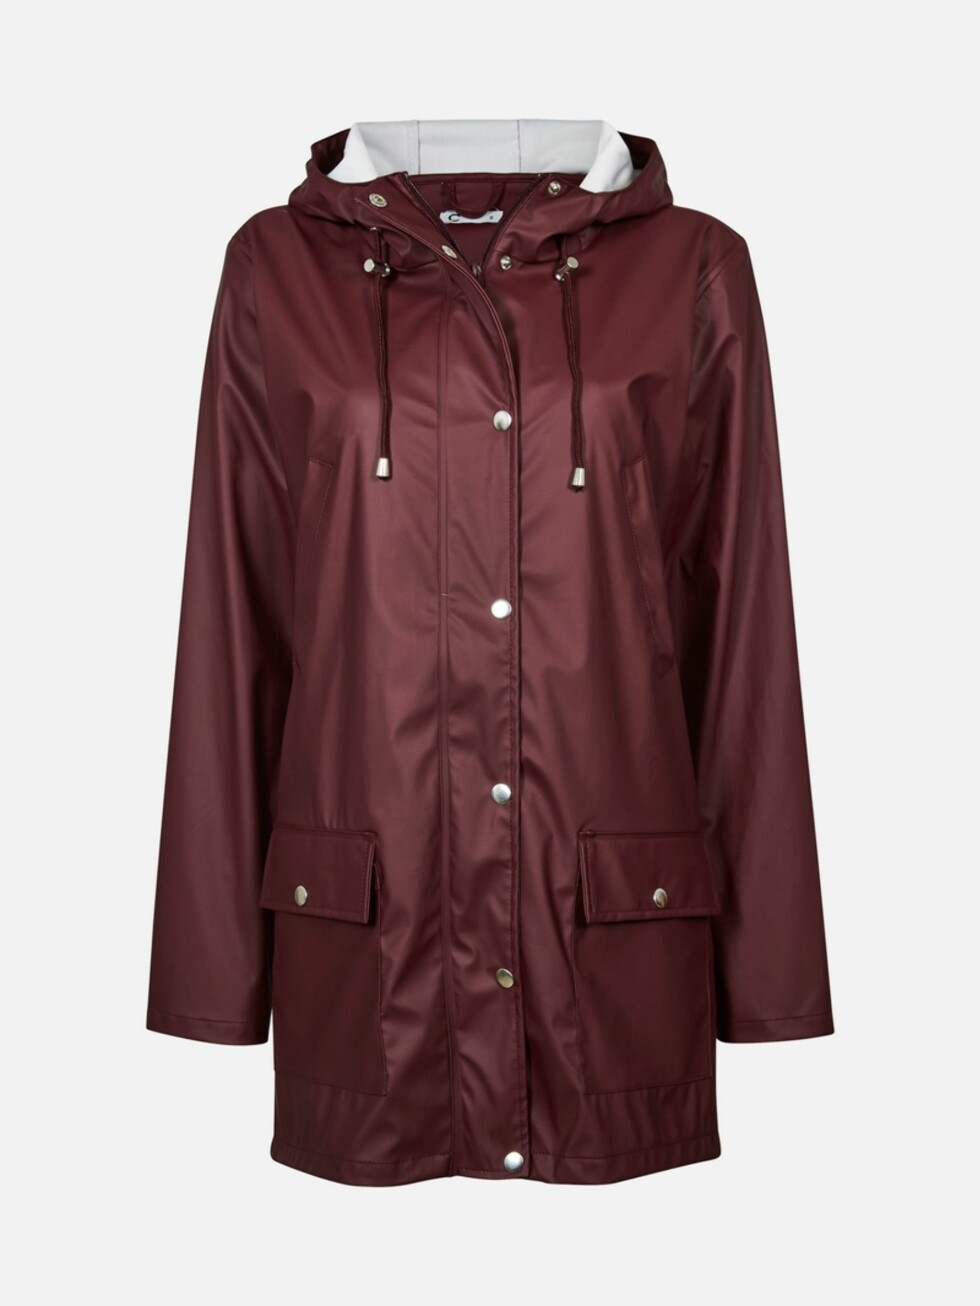 Regnjakke fra Cubus | kr 599 | https://cubus.com/no/outwear/rain-jacket/jakke/7185557_F390#